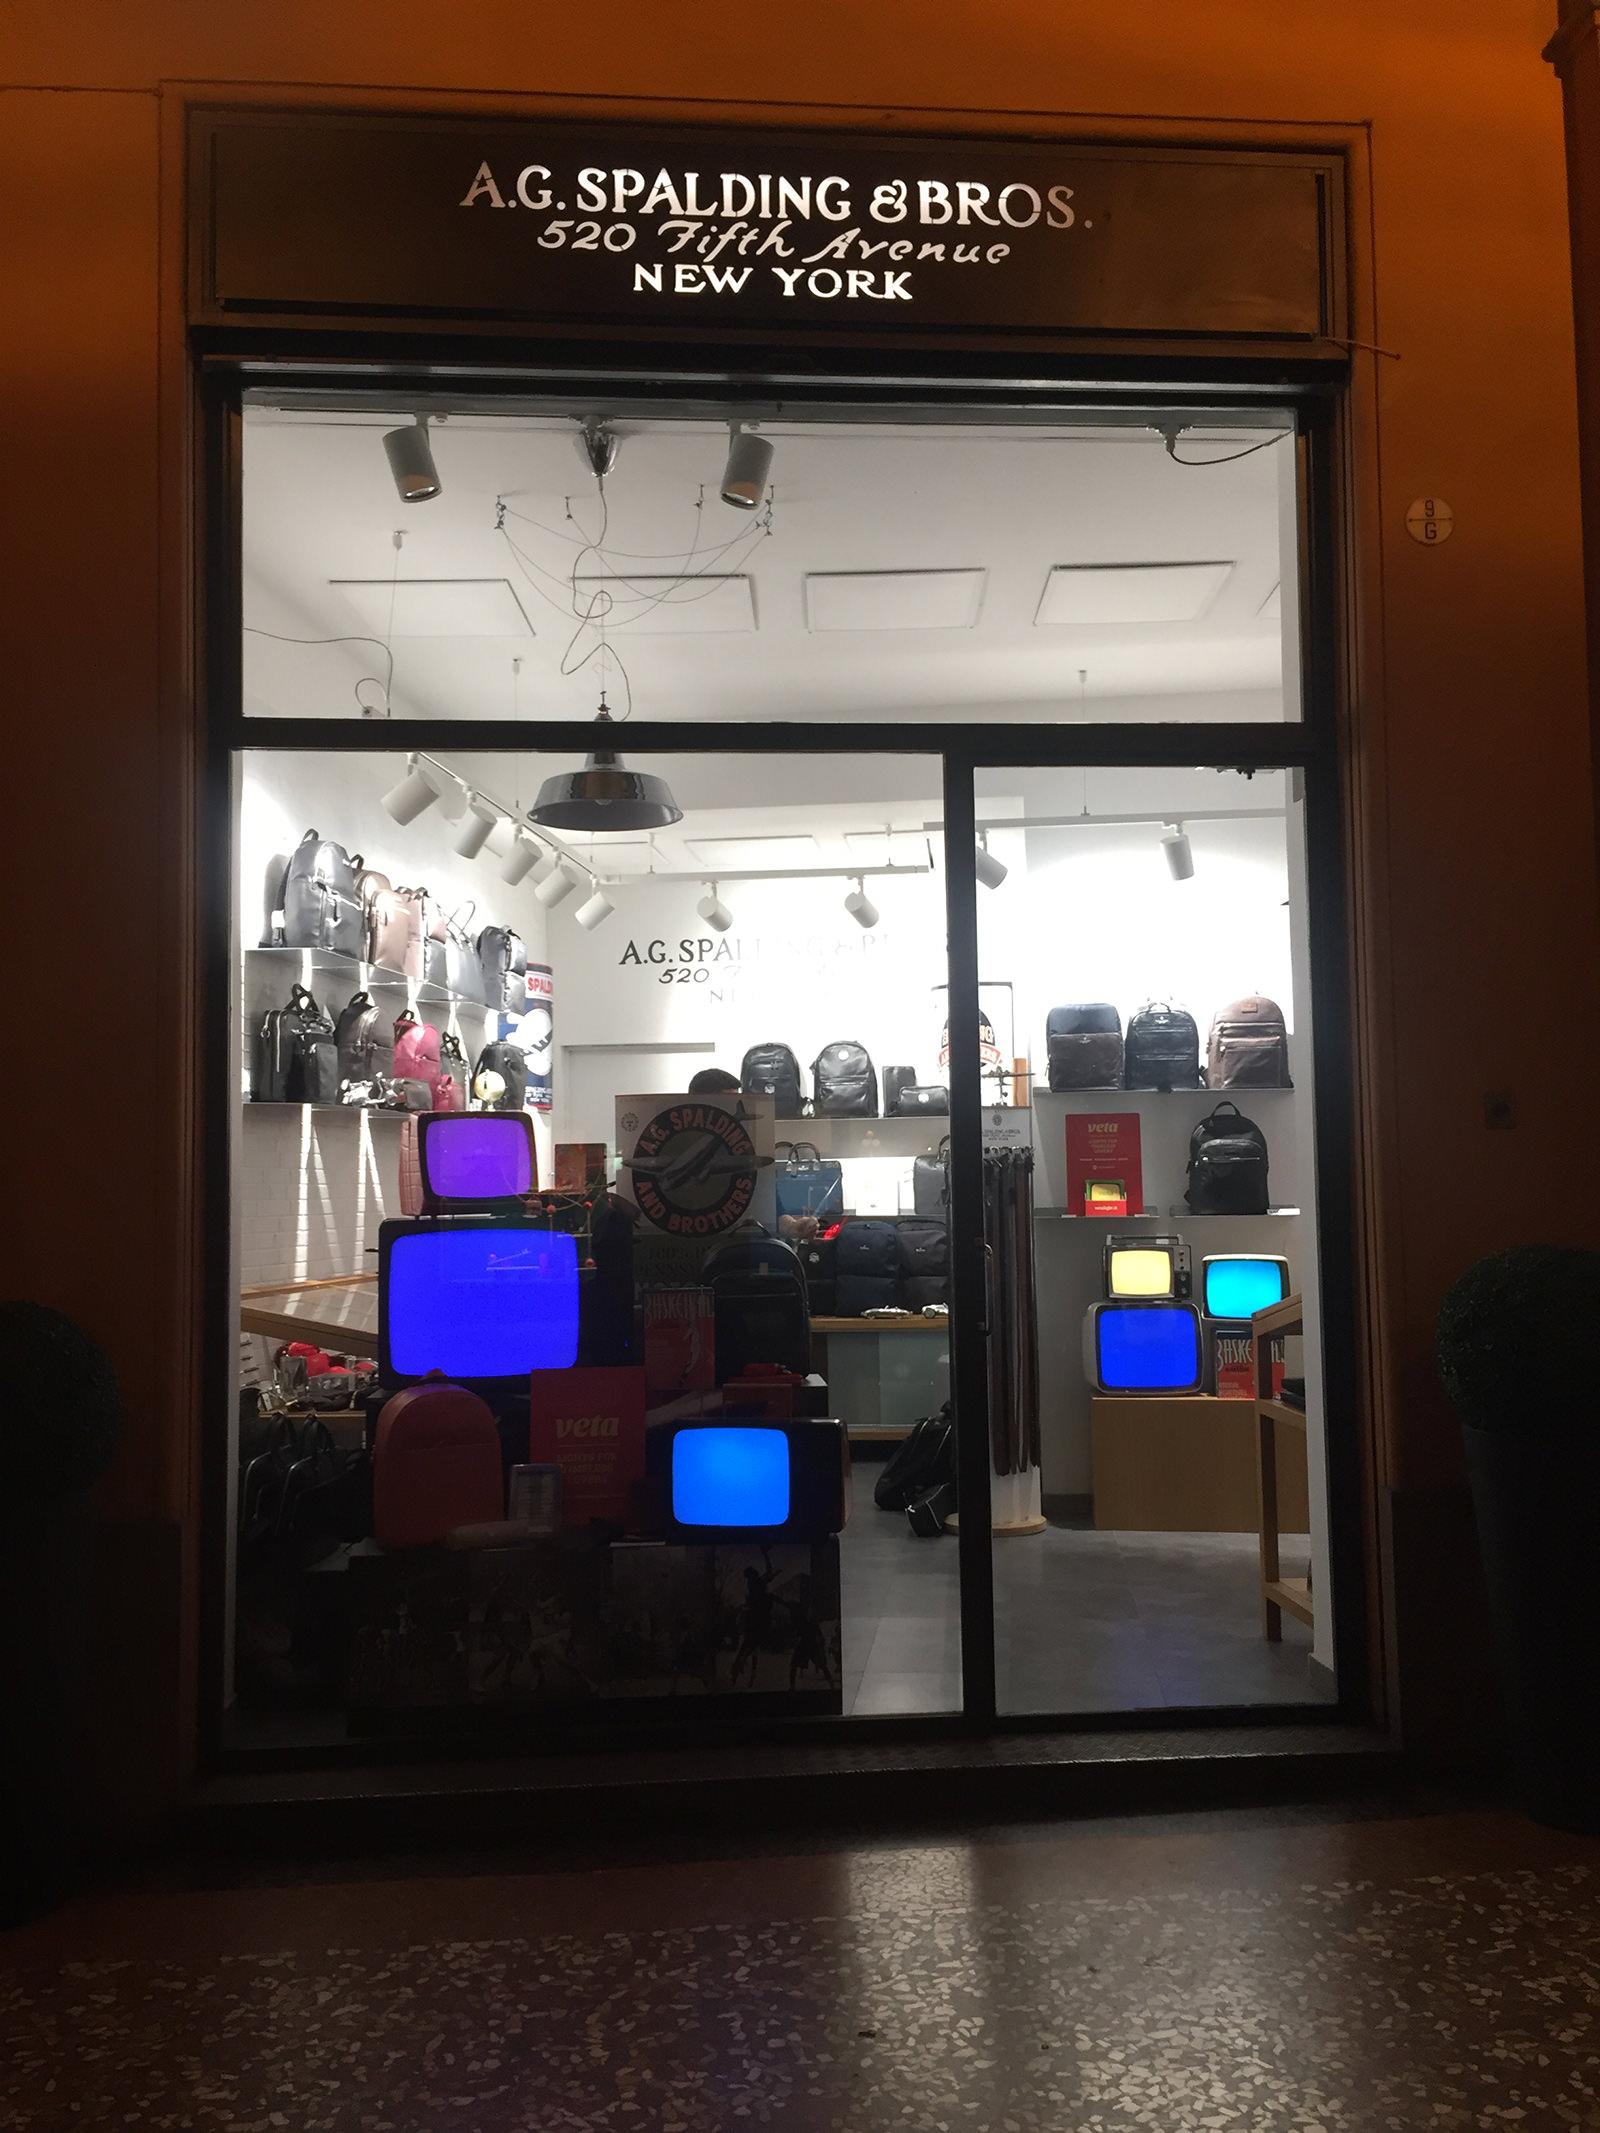 Veta Light partecipa ad Arte Fiera 2020 in collaborazione con A.G. Spalding Bologna